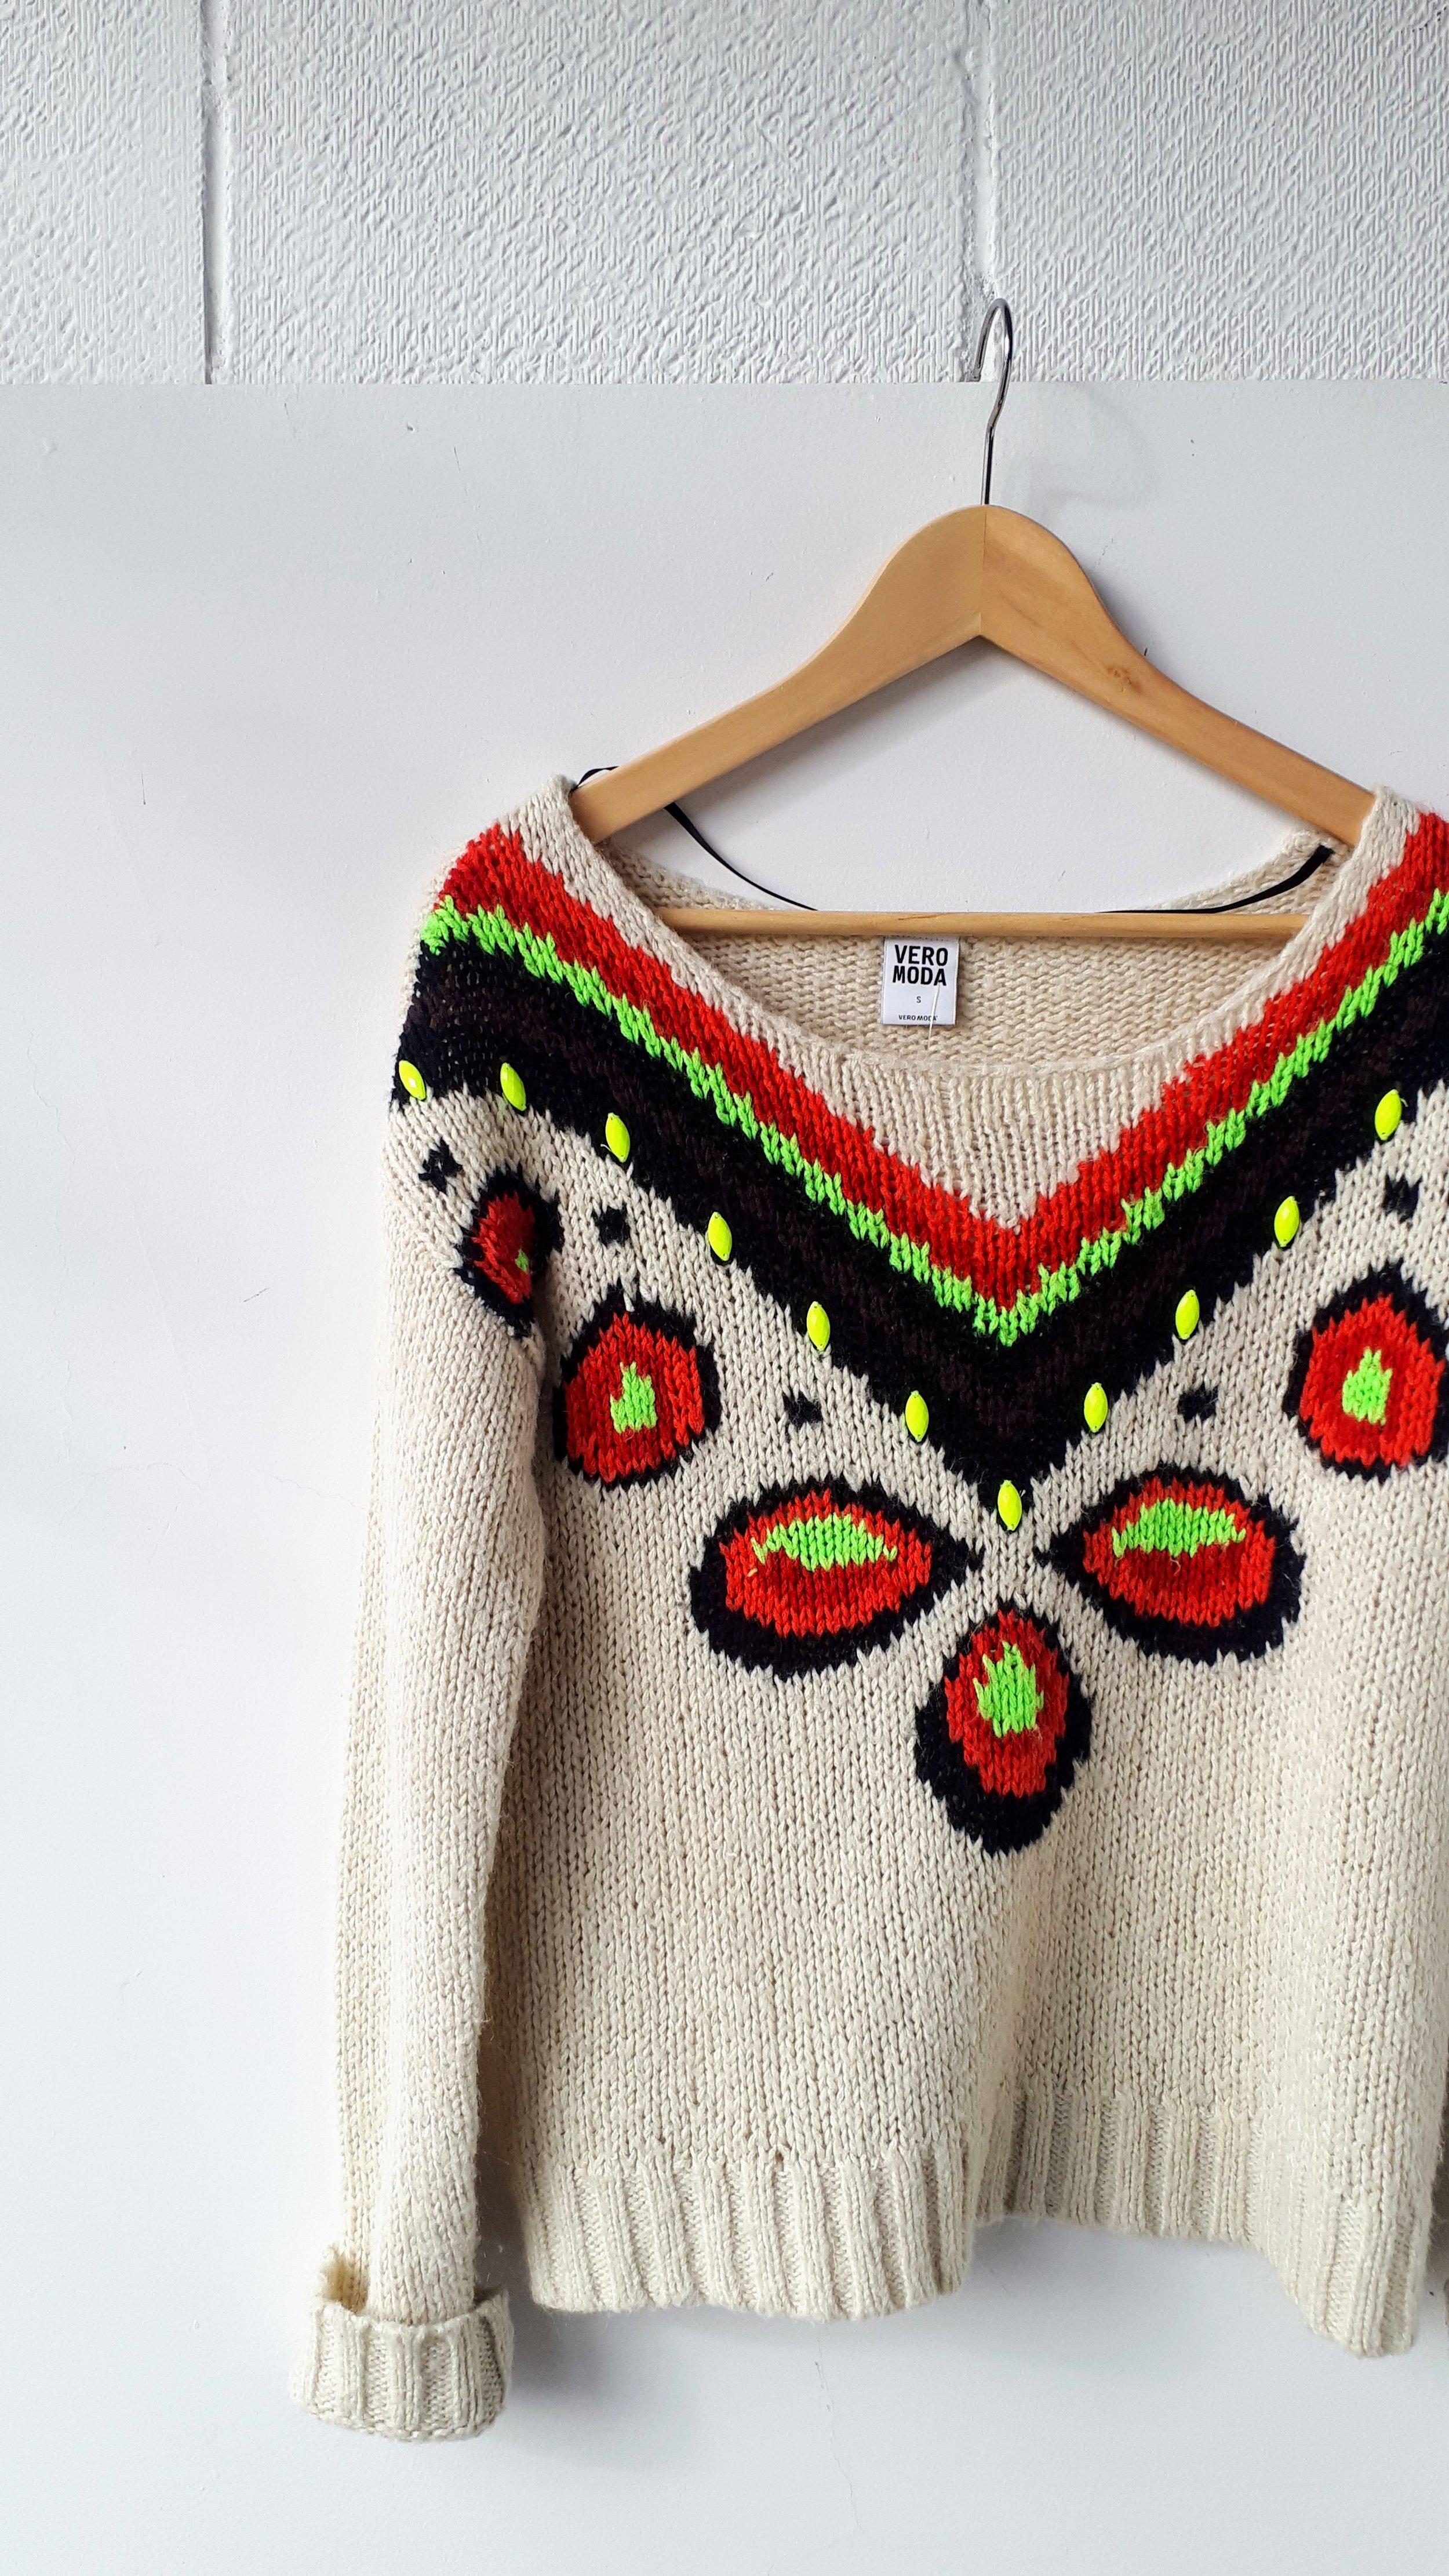 Vero Moda sweater; Size S, $24 (on sale: $12)